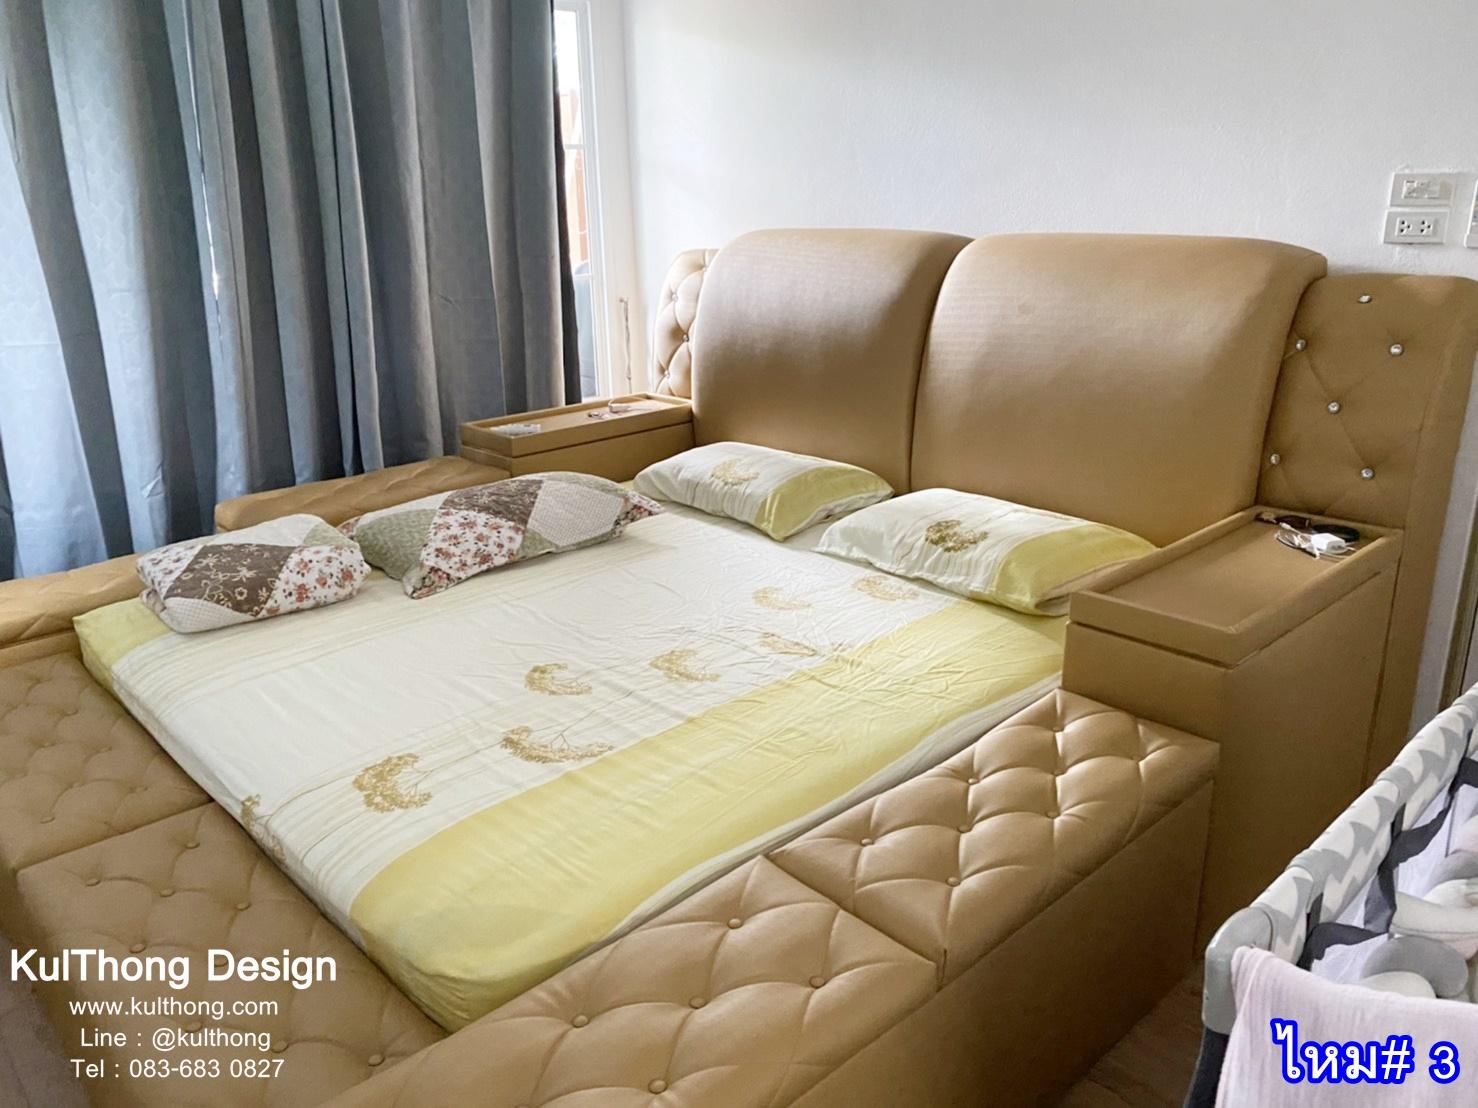 เตียงกล่องหุ้มหนัง เตียงขนาดใหญ่ เตียงมีกล่อง